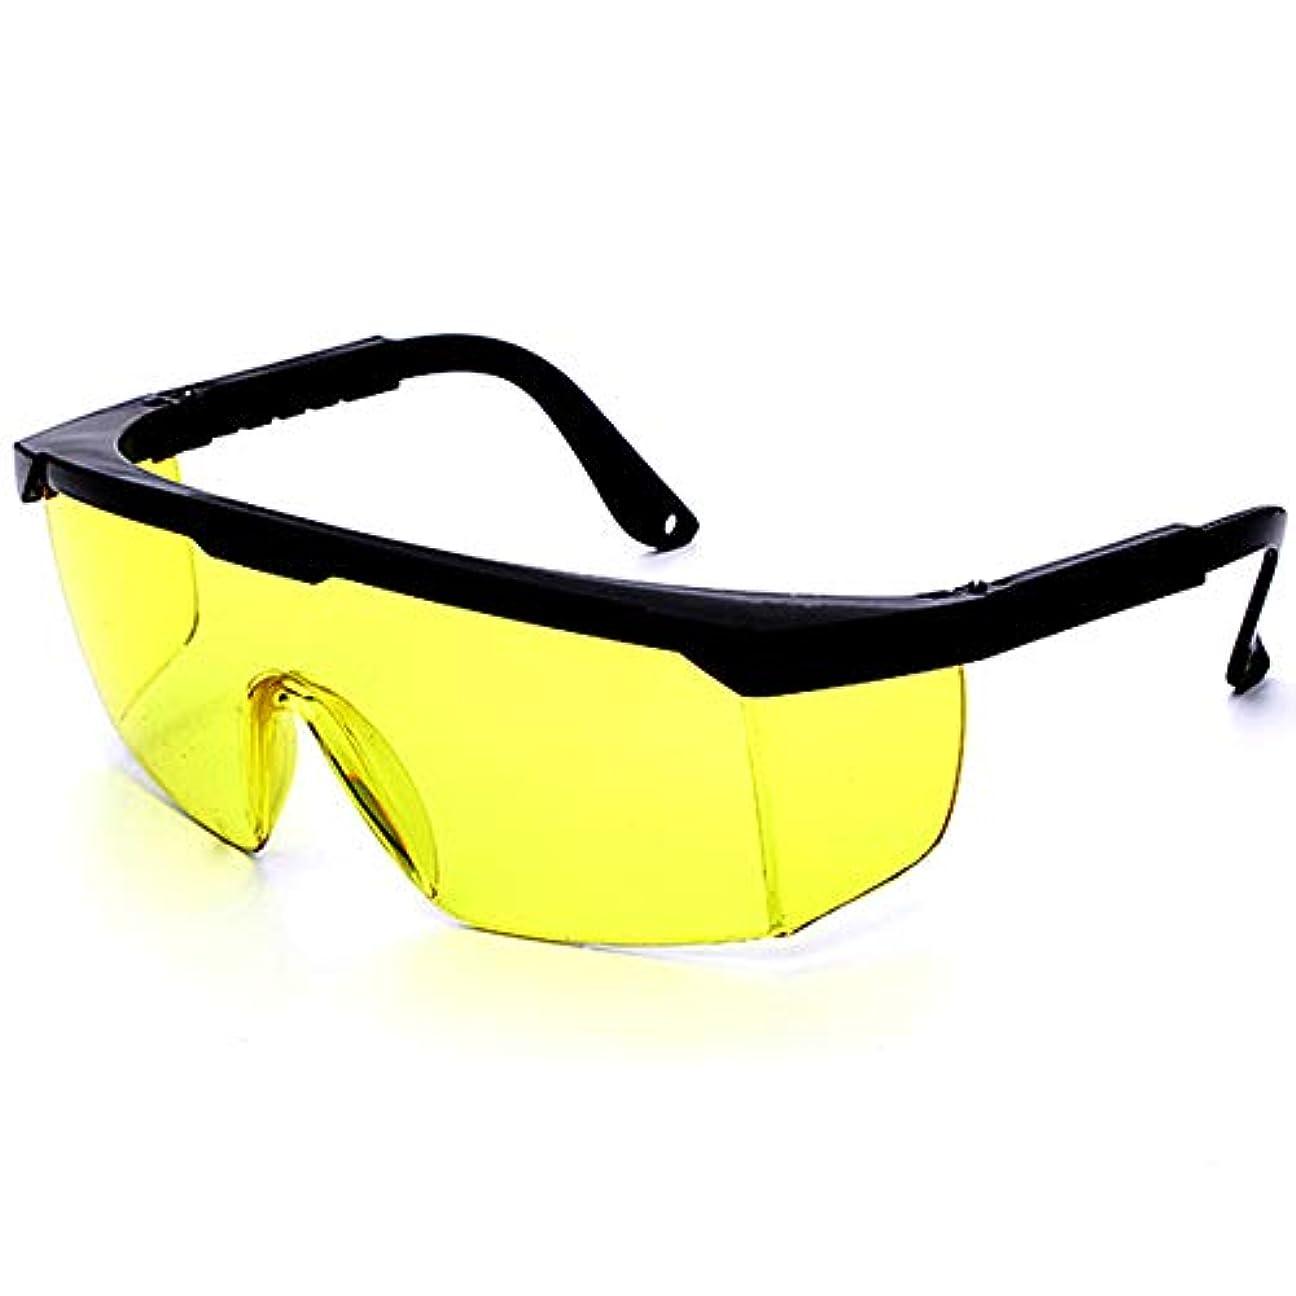 死すべき家禽木製レーザー保護メガネIPL美容機器メガネ、レーザーメガネ - 2組のパルス光保護メガネ。